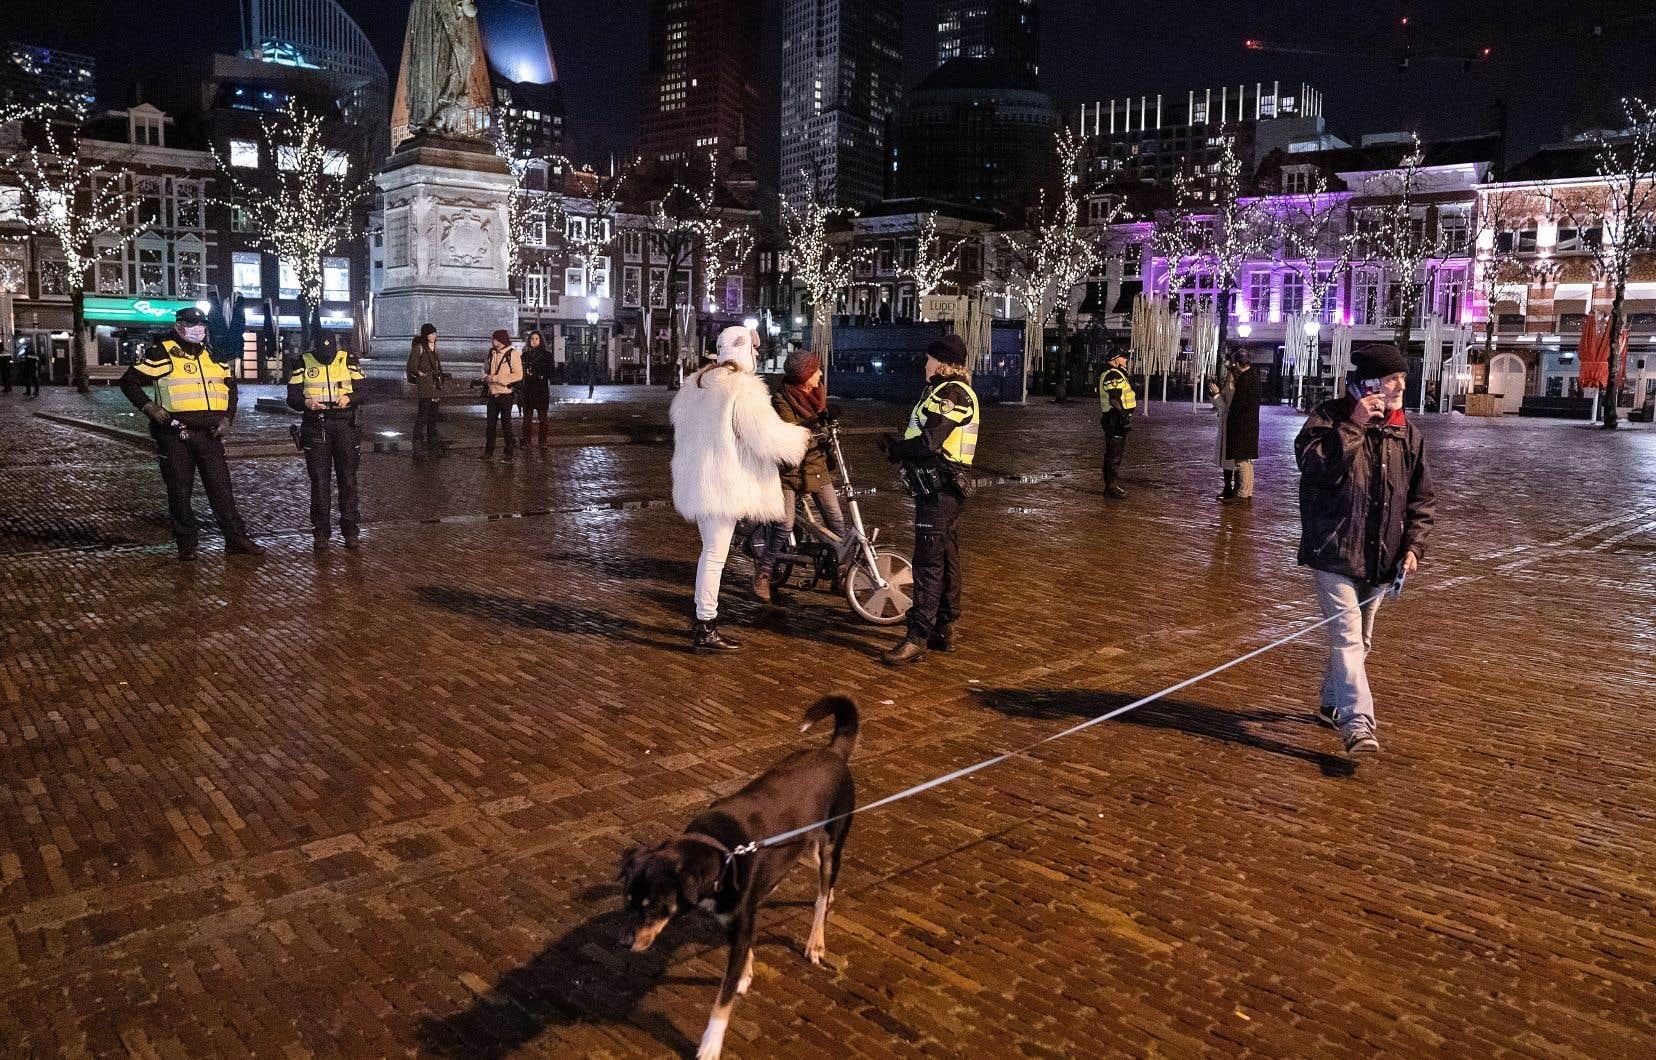 Des policiers veillaient mardi à faire appliquer le couvre-feu à La Haye, aux Pays-Bas.